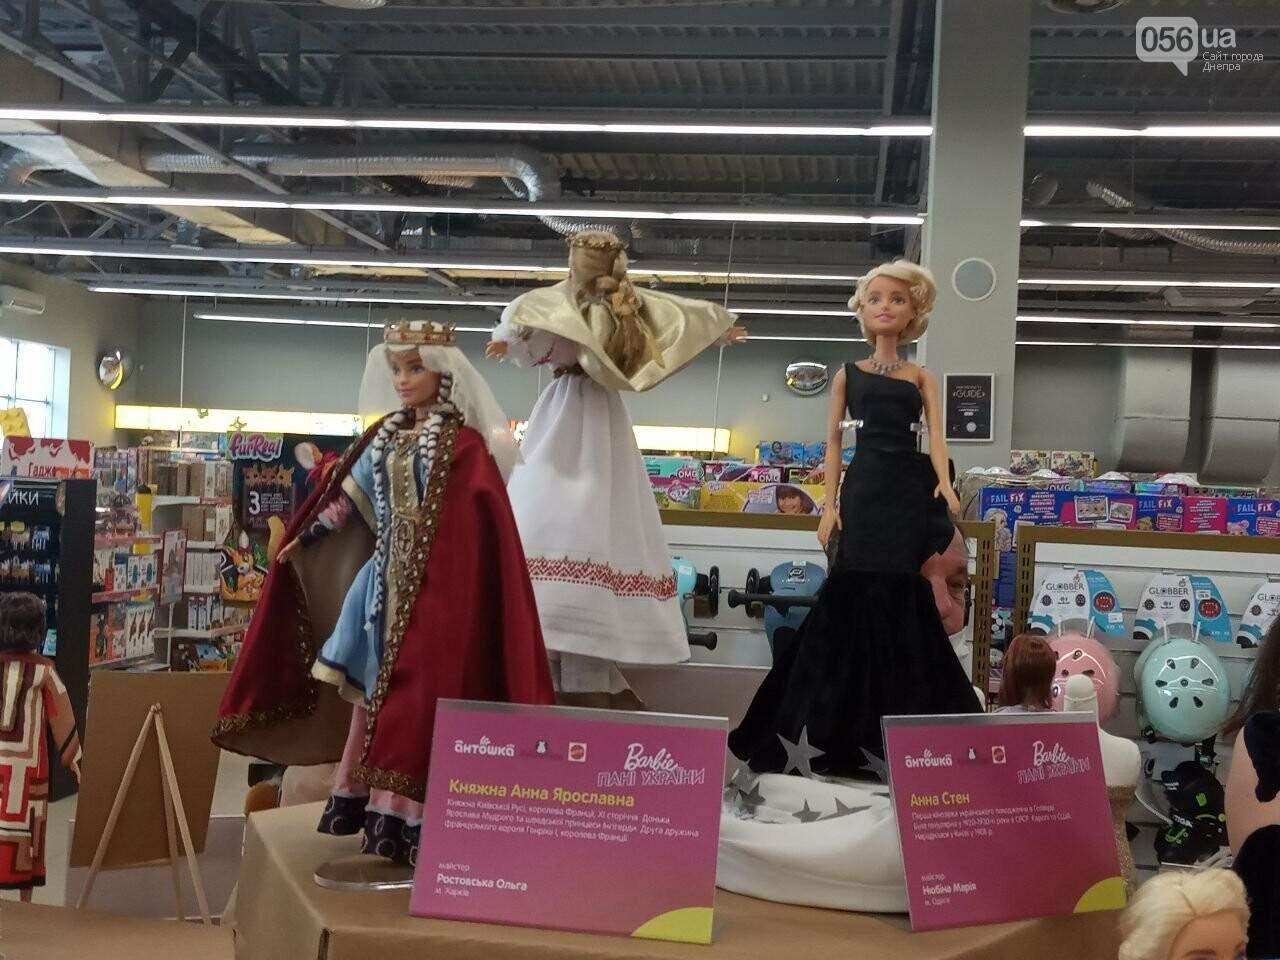 В Днепре продолжают гостить куклы Barbie, - ФОТО, фото-14